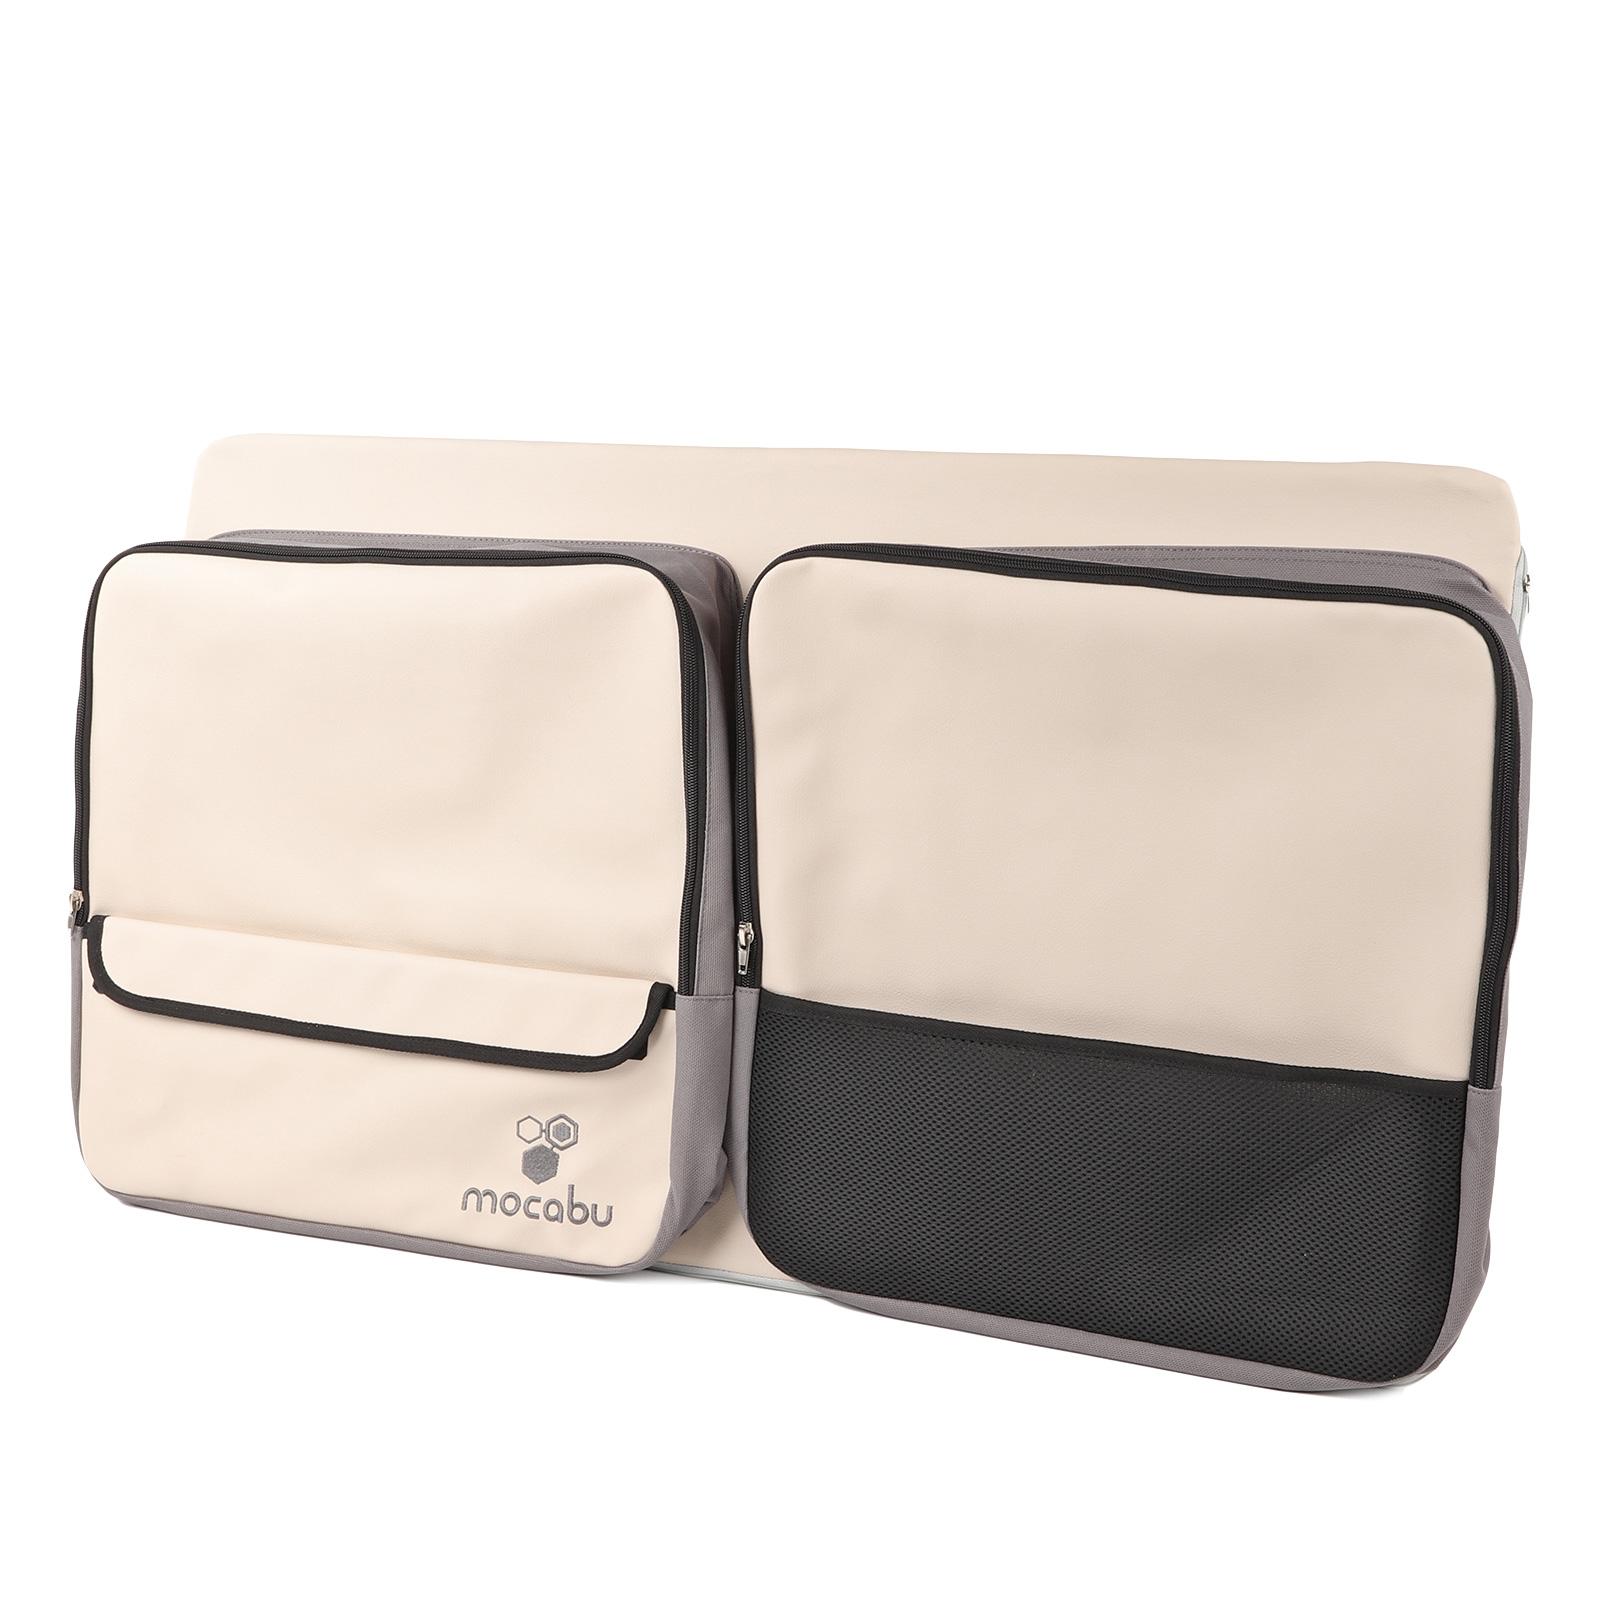 Fenstertasche Utensilientasche Leinenbeige passend für VW T5 T6 KR links